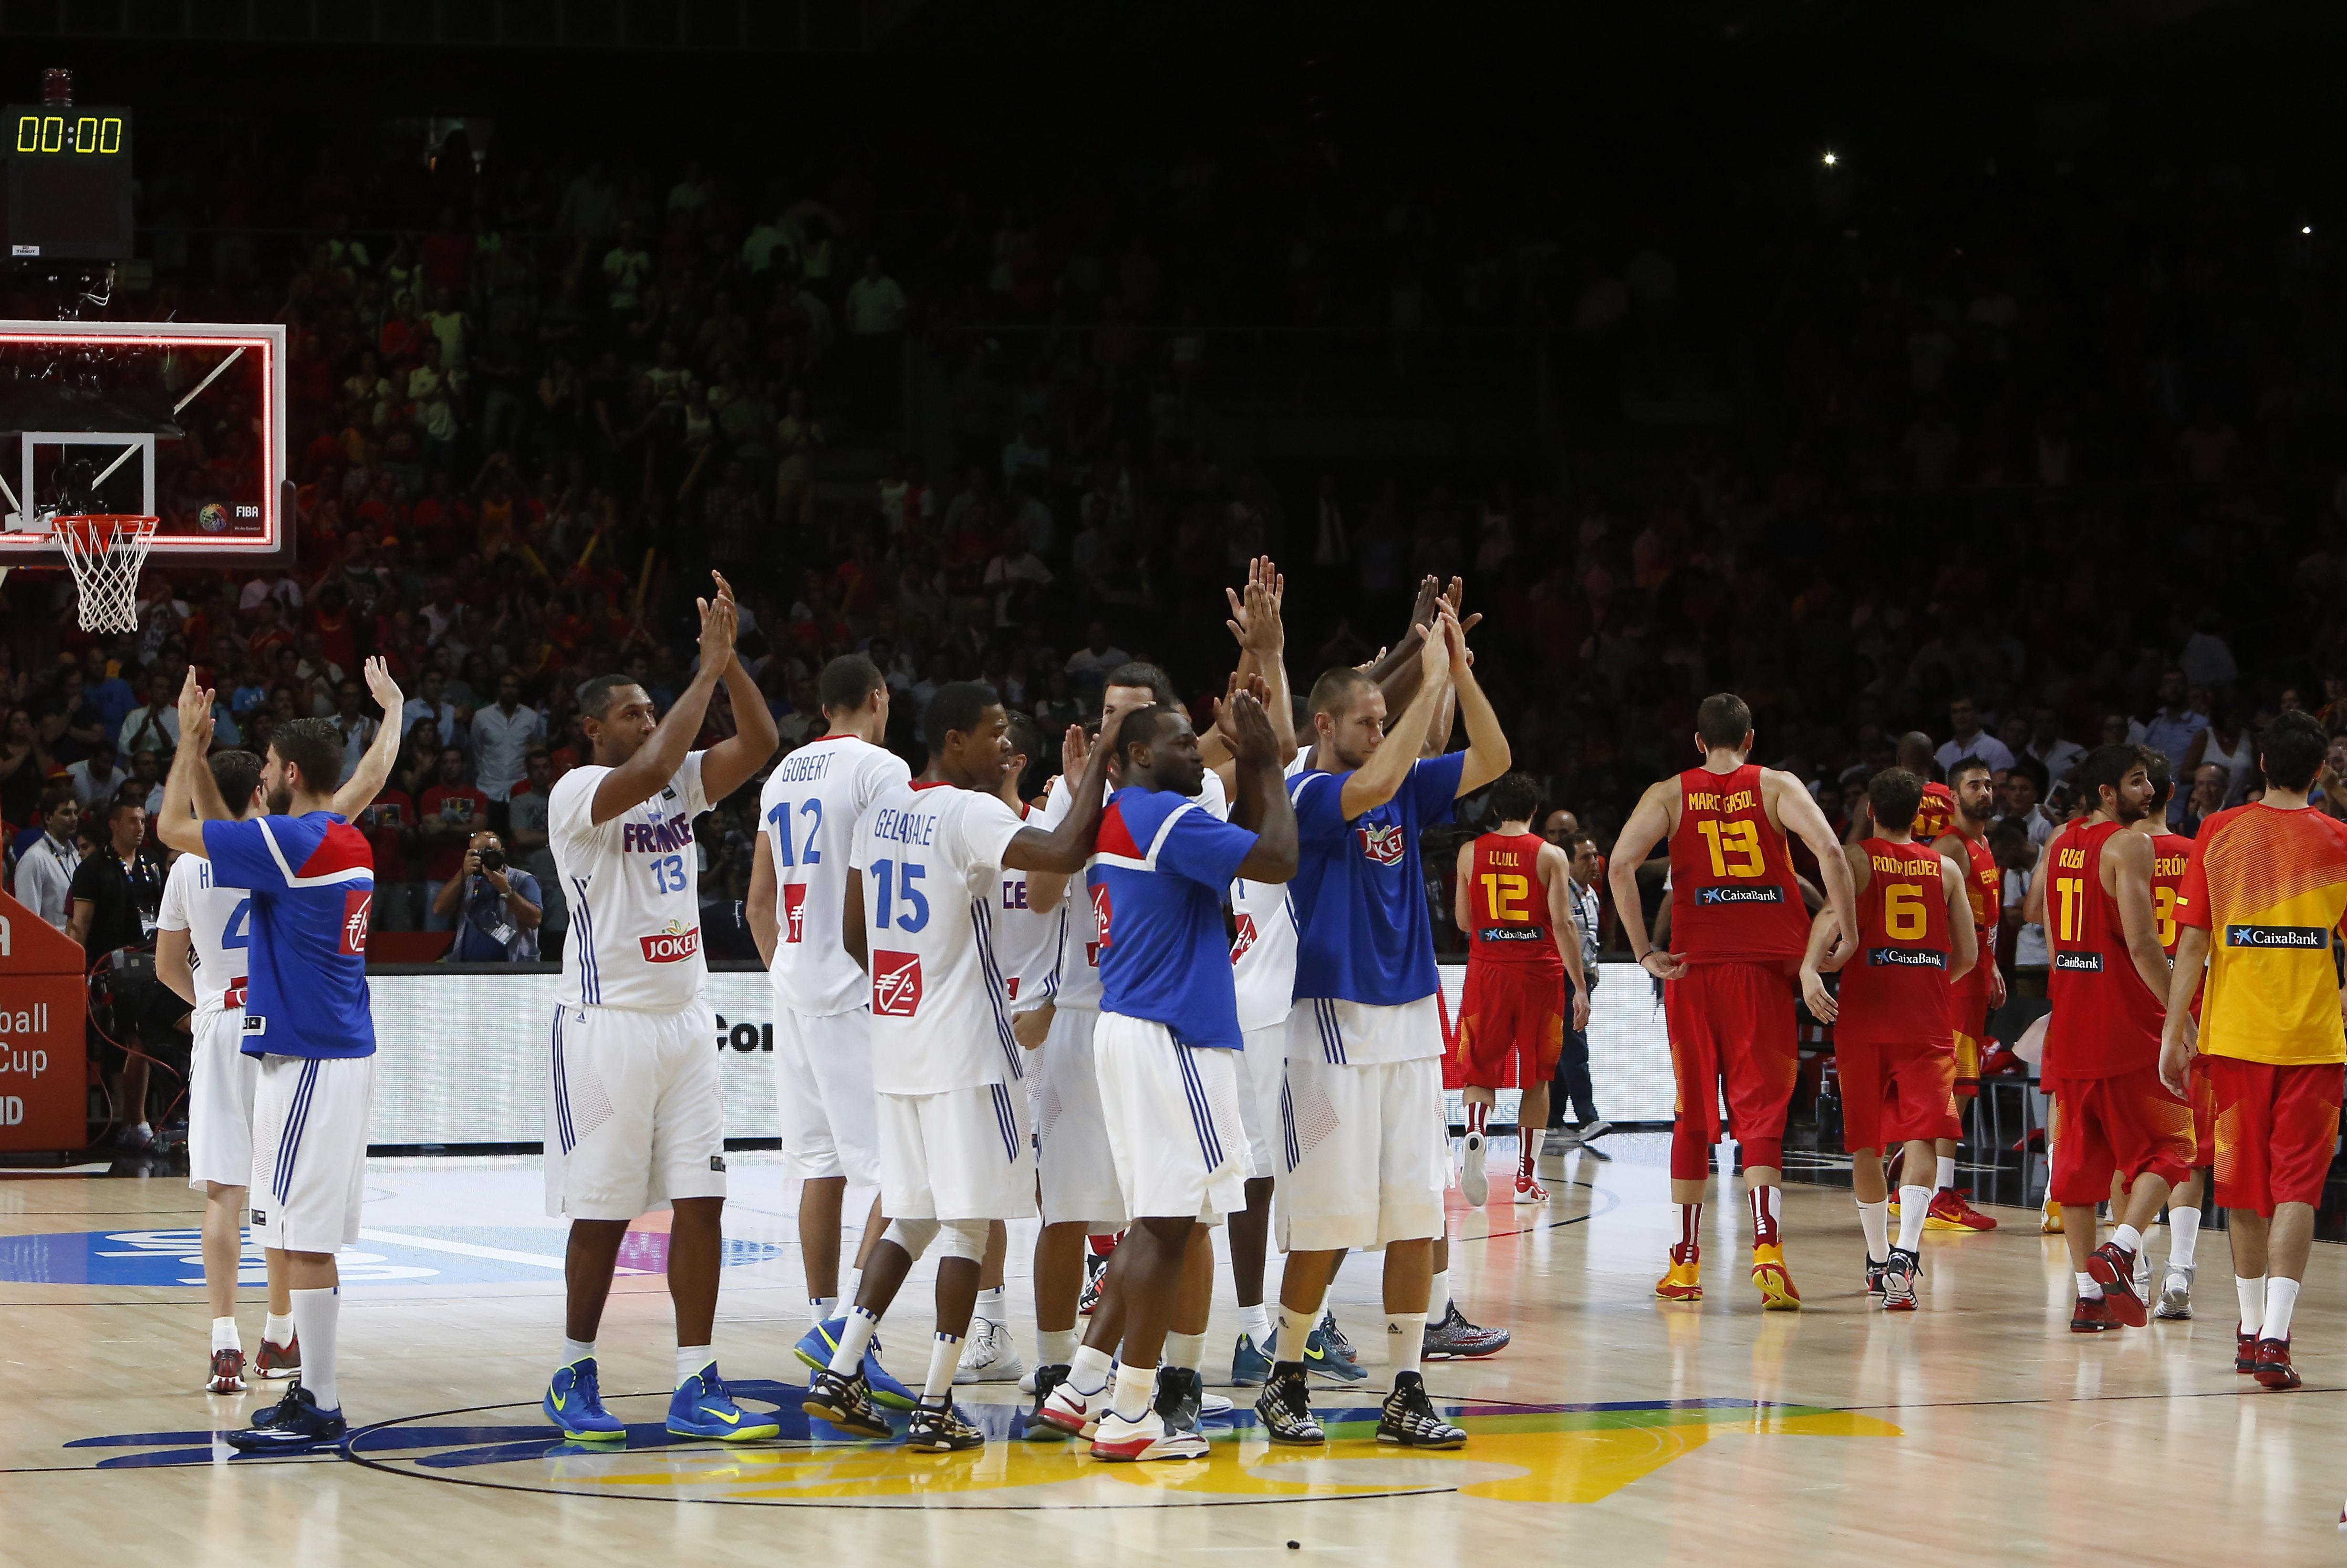 Basket - Equipe de France - USA-France et les cinq plus grands exploits du basket français